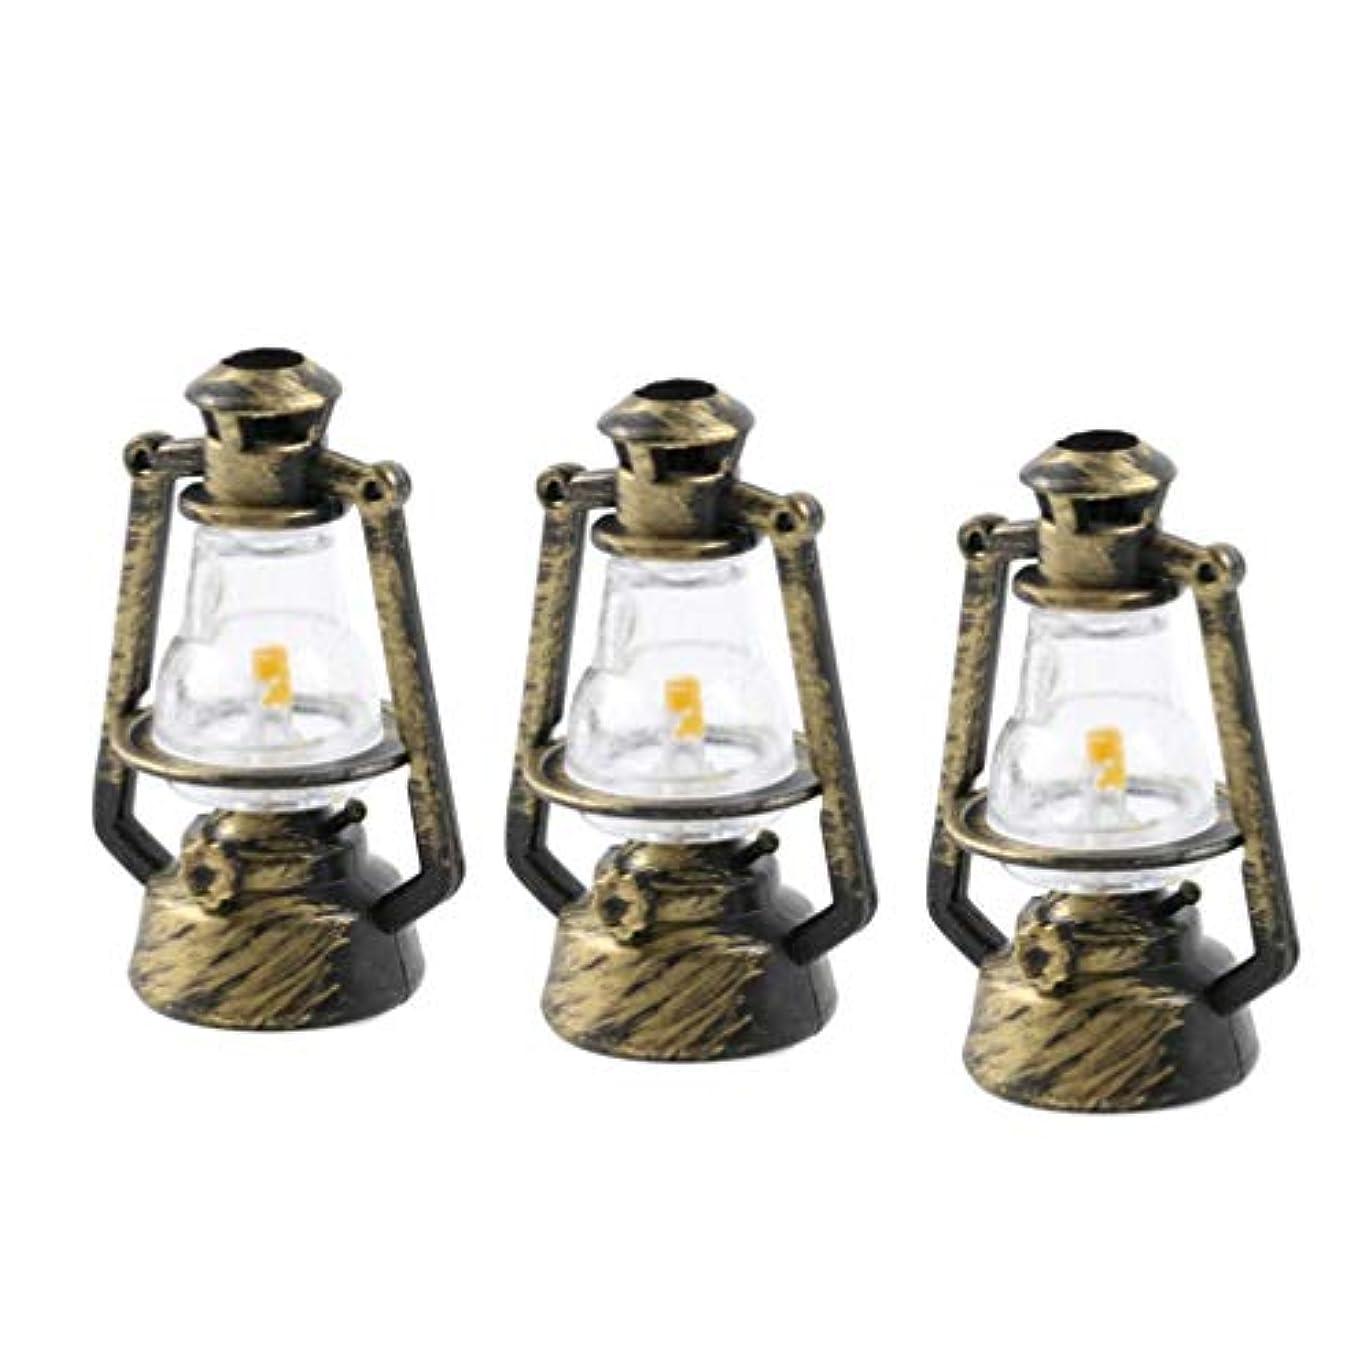 ニックネーム厚さフライトHealifty オイルランタンデスクトップ装飾レトロ灯油ランプ用ホーム寝室の装飾写真撮影の小道具6ピース